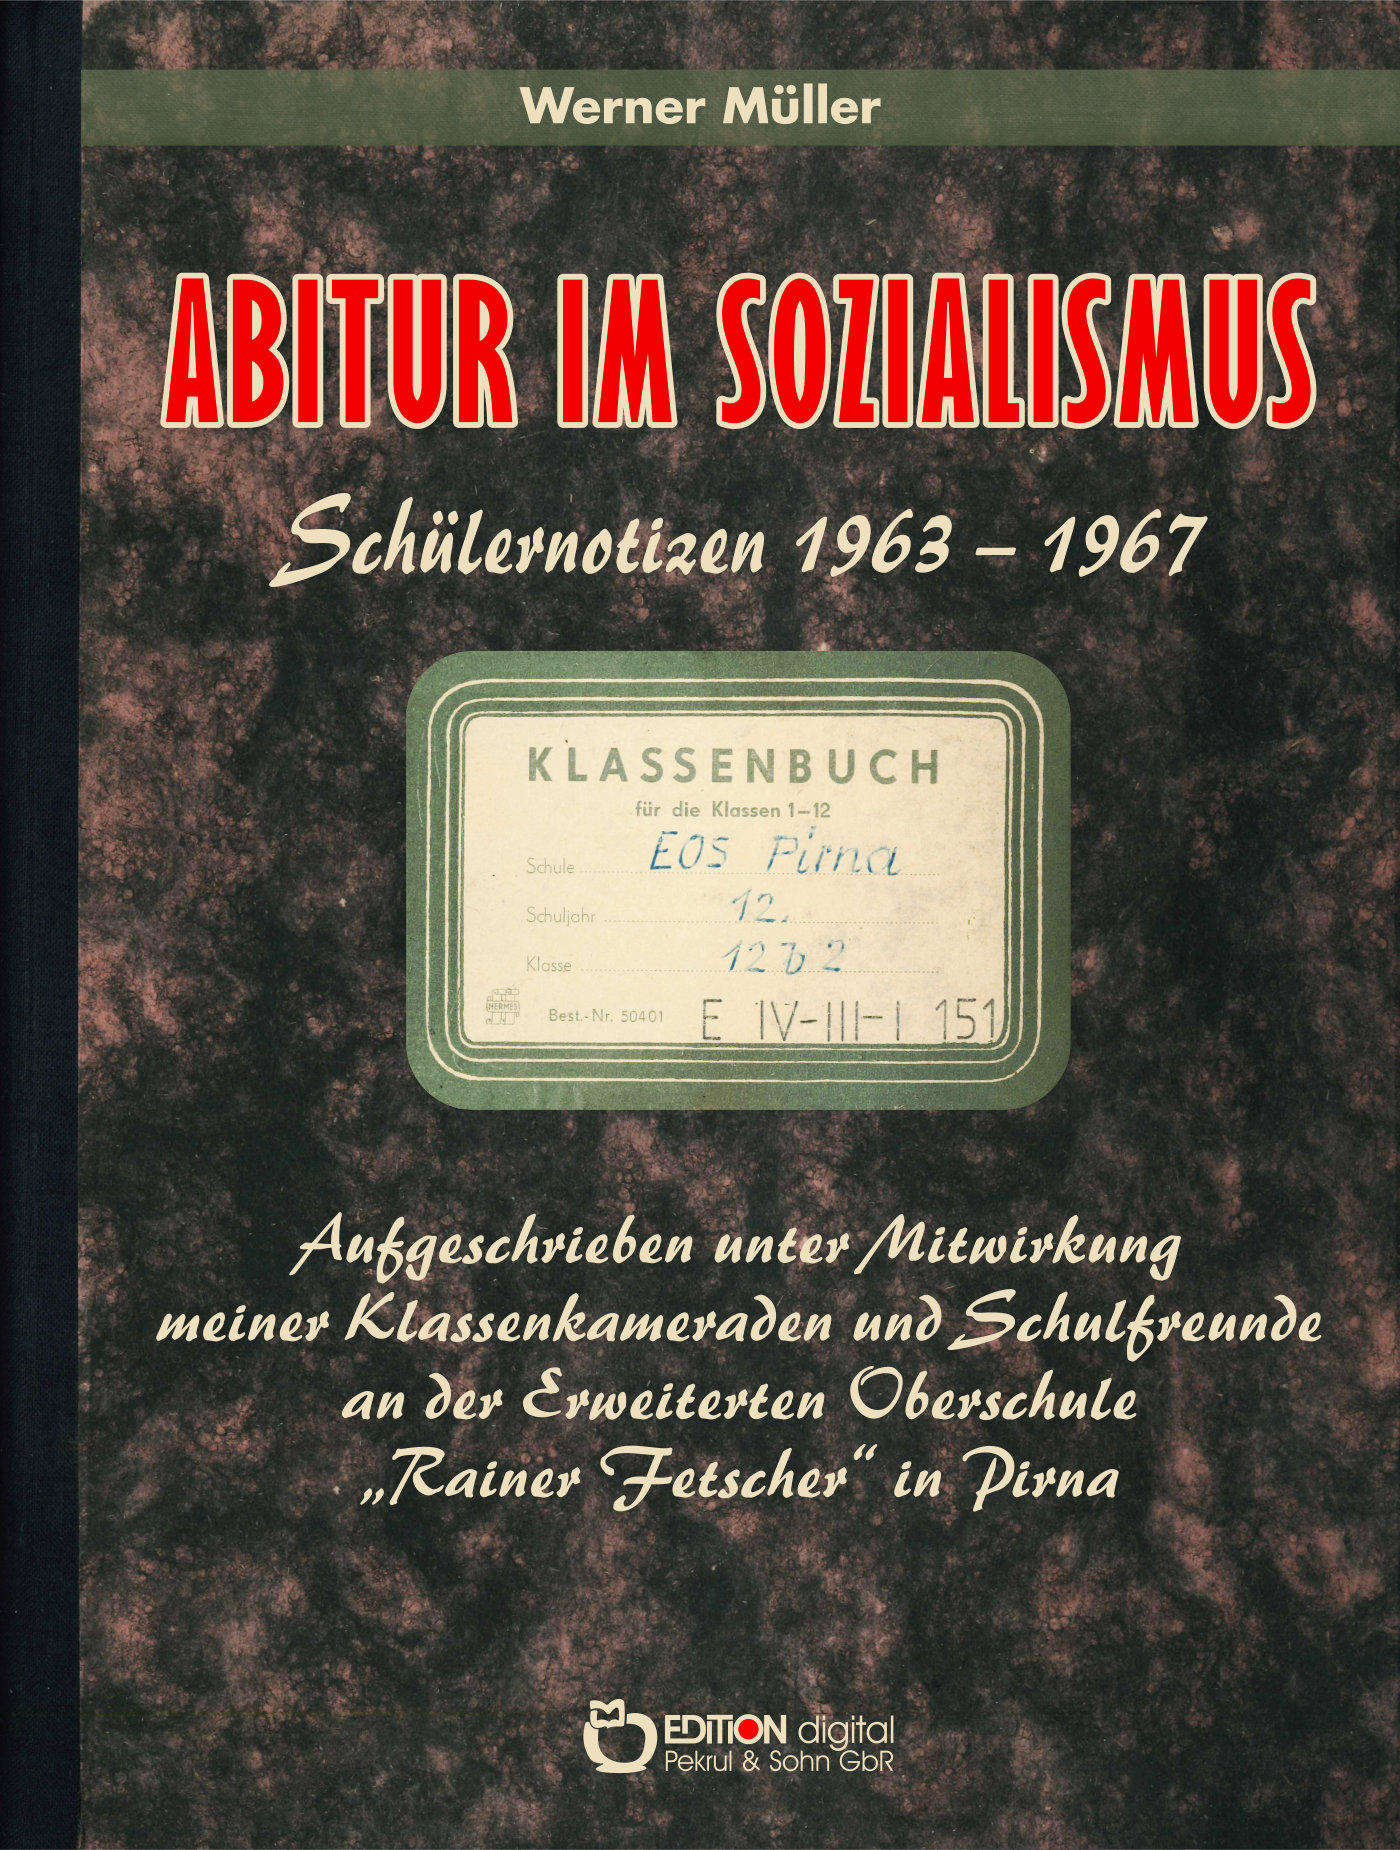 Abitur im Sozialismus. Schülernotizen 1963 - 1967 von Werner Müller